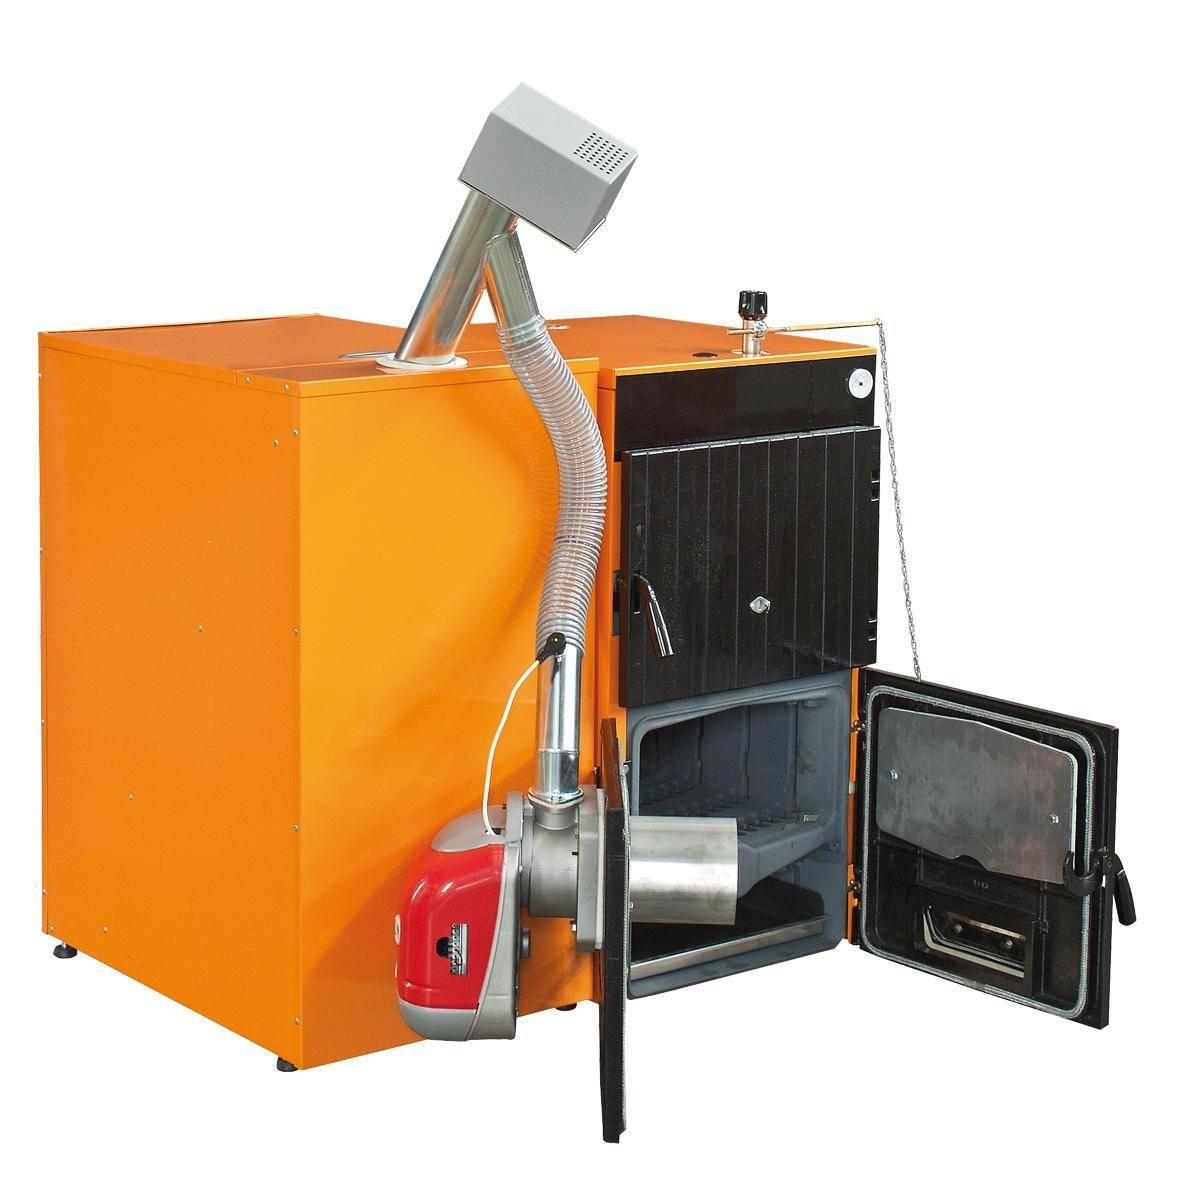 Установка твердотопливного котла: требования, порядок работ, оборудование | строй советы